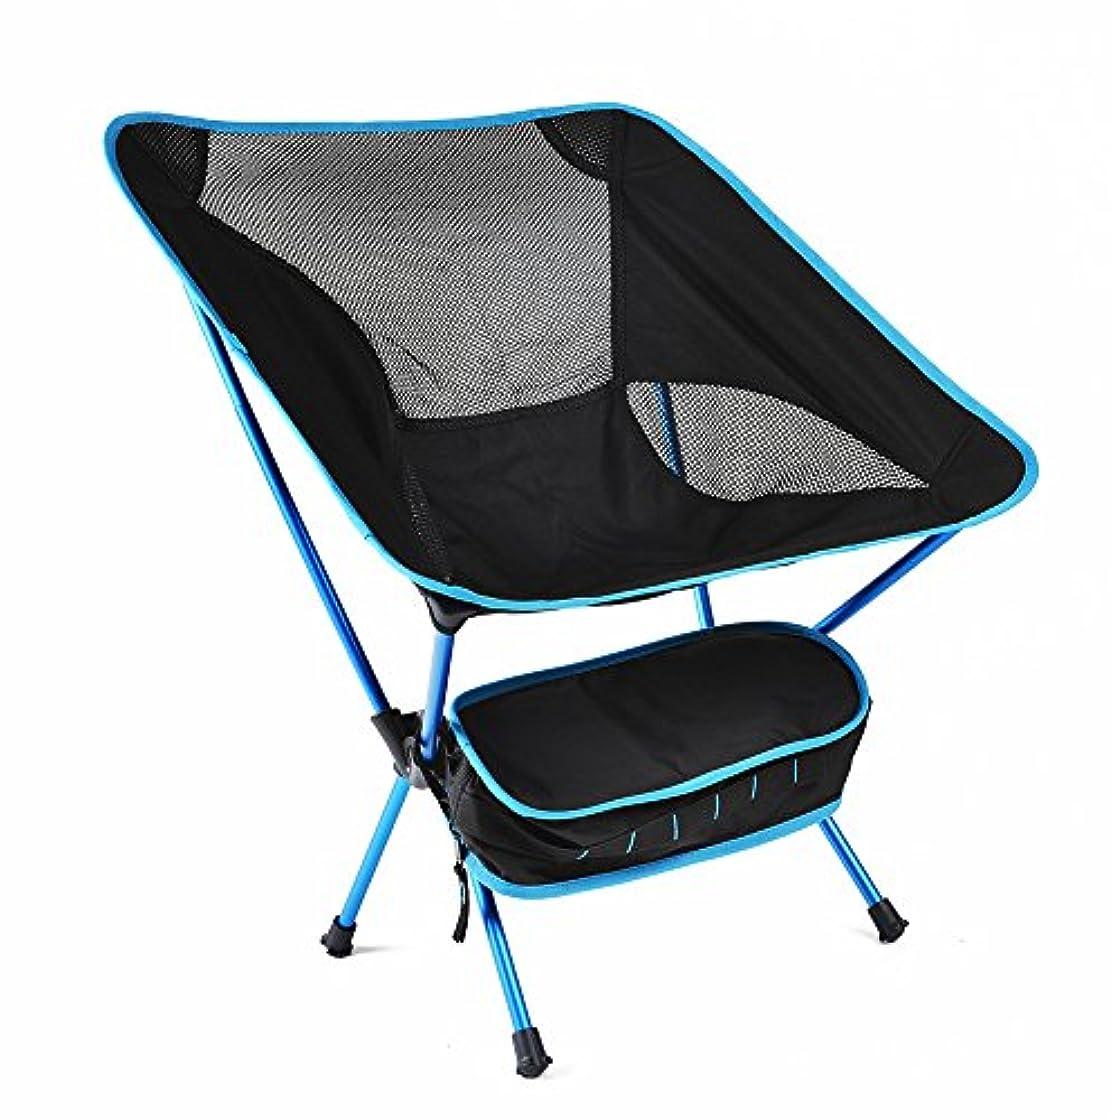 普遍的な品揃えもう一度屋外の自動運転ツアー便利な折りたたみ釣り椅子は、ほとんどの車のトランクの中に収まるように折り畳みます アウトドア キャンプ用